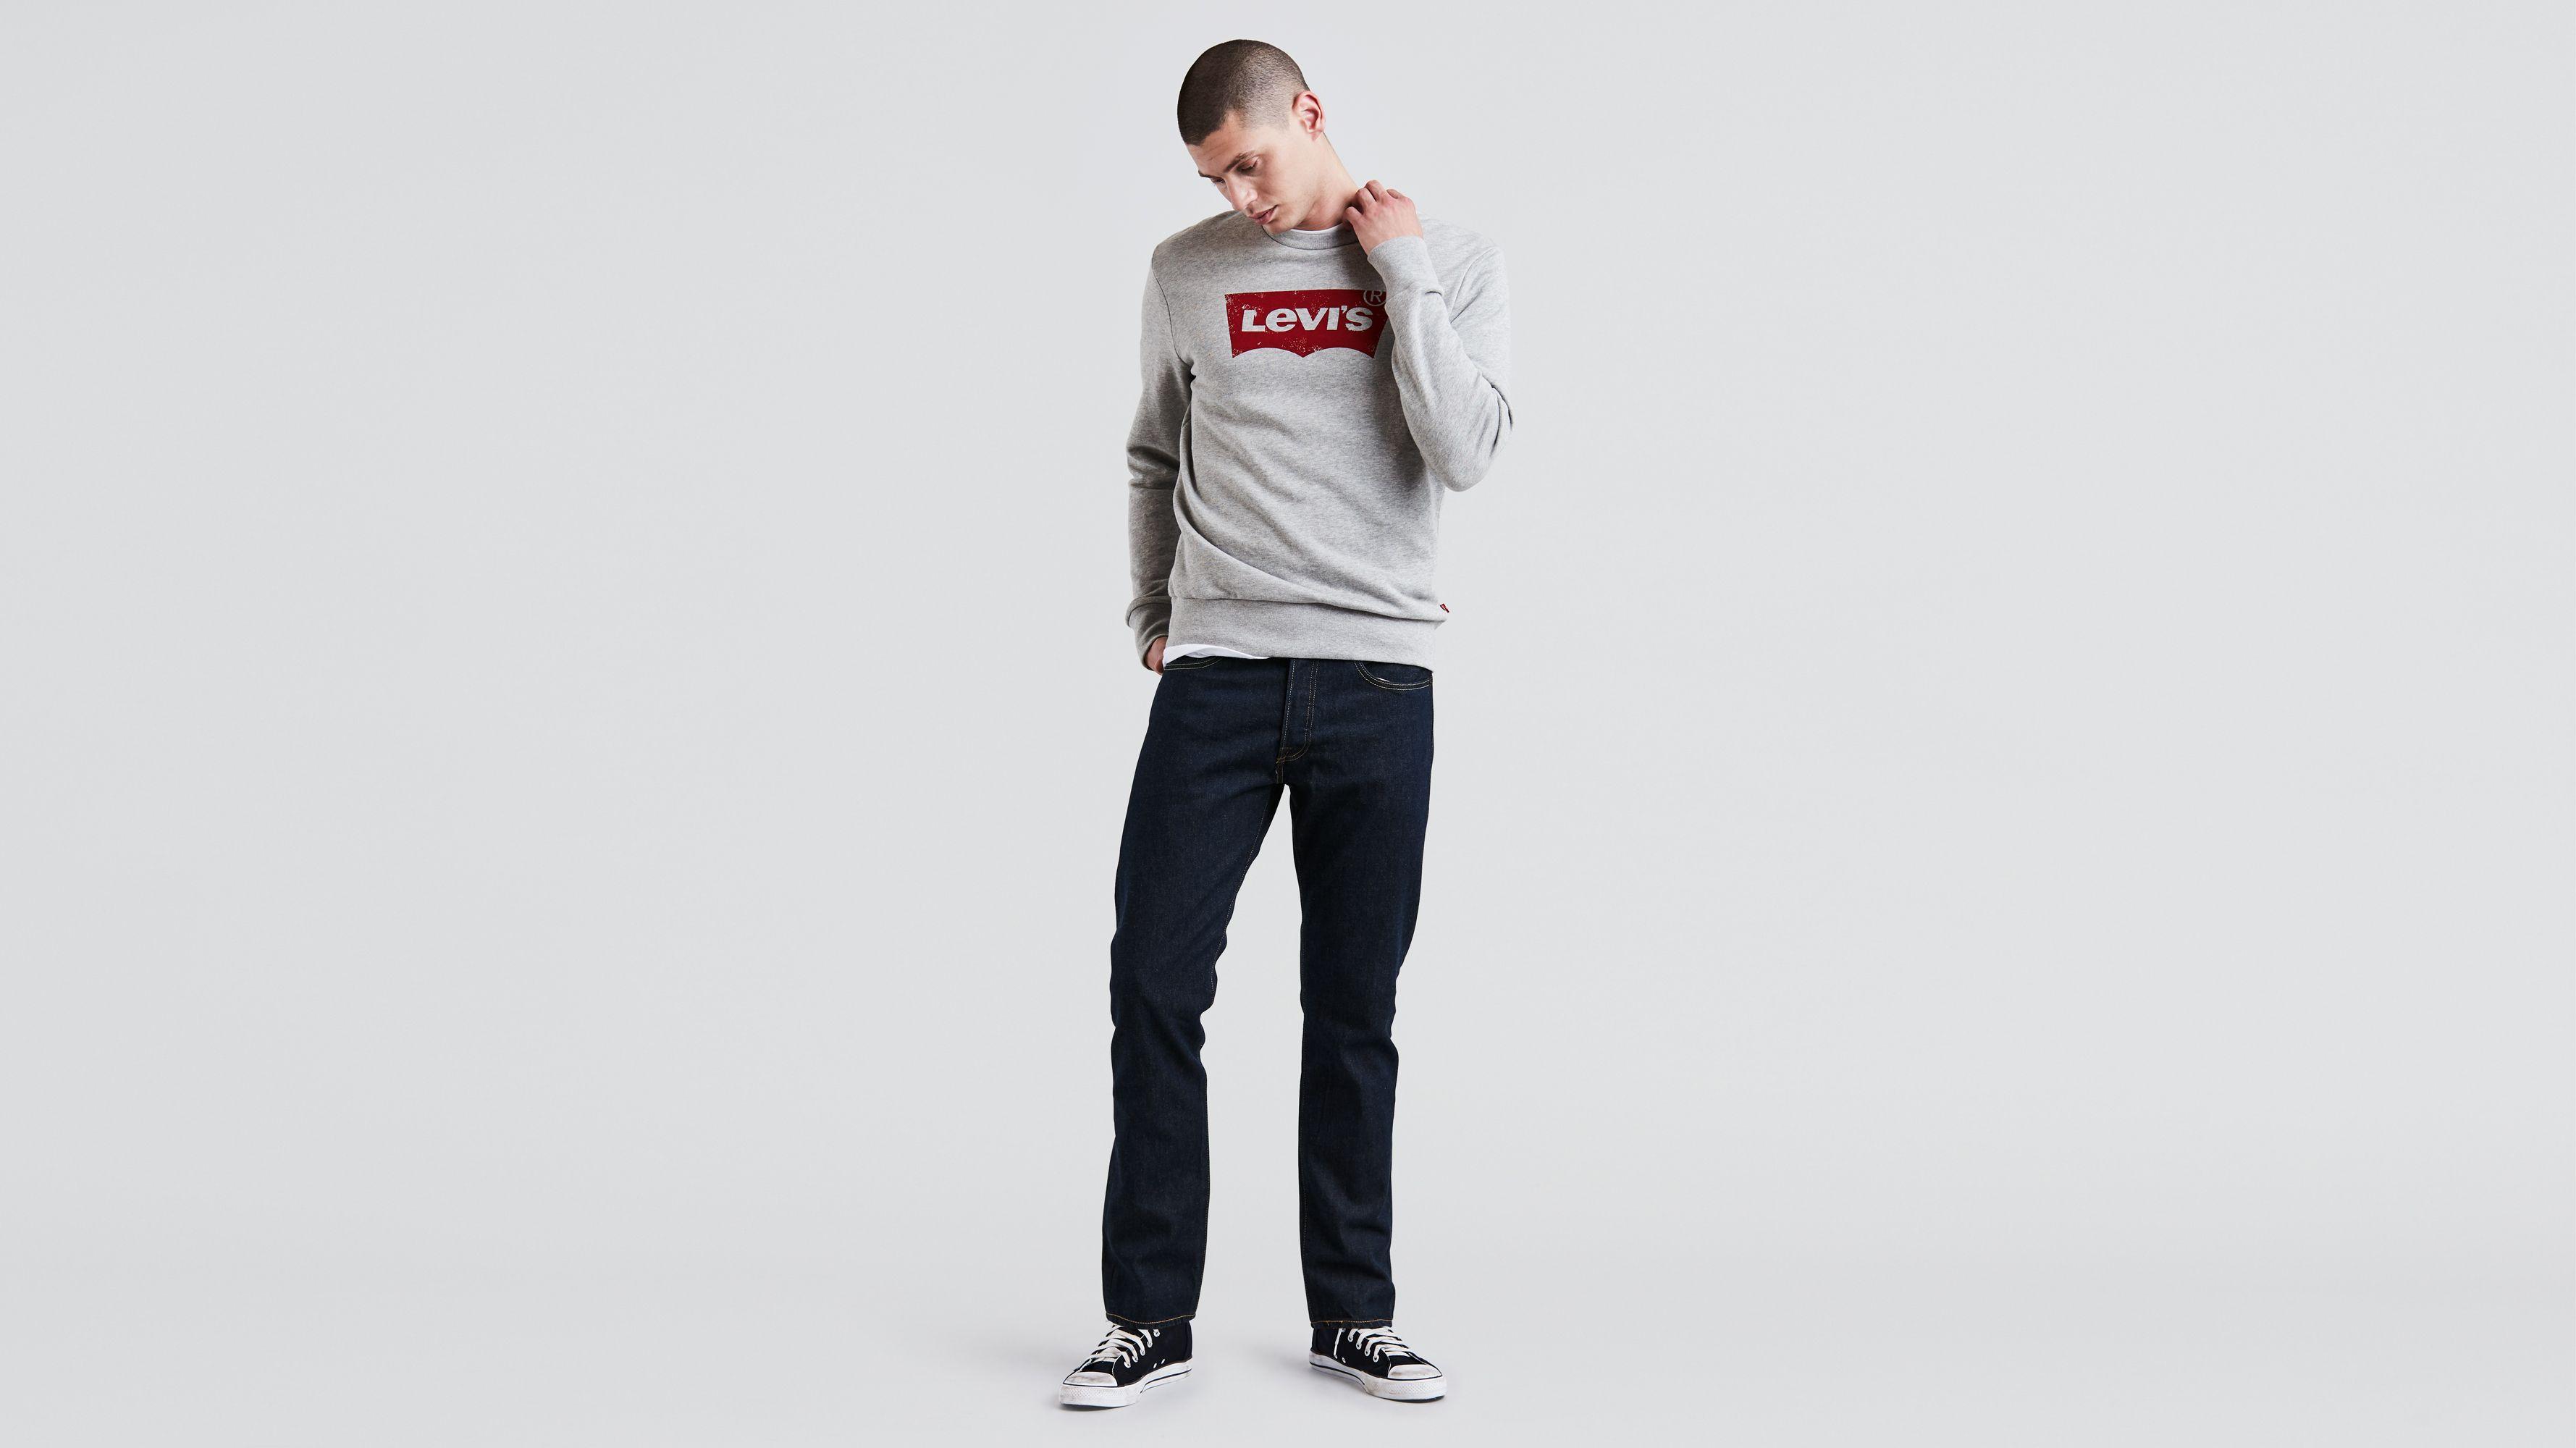 501 Ct Slim-fit Stretch-denim Jeans Levi's nWGEJc